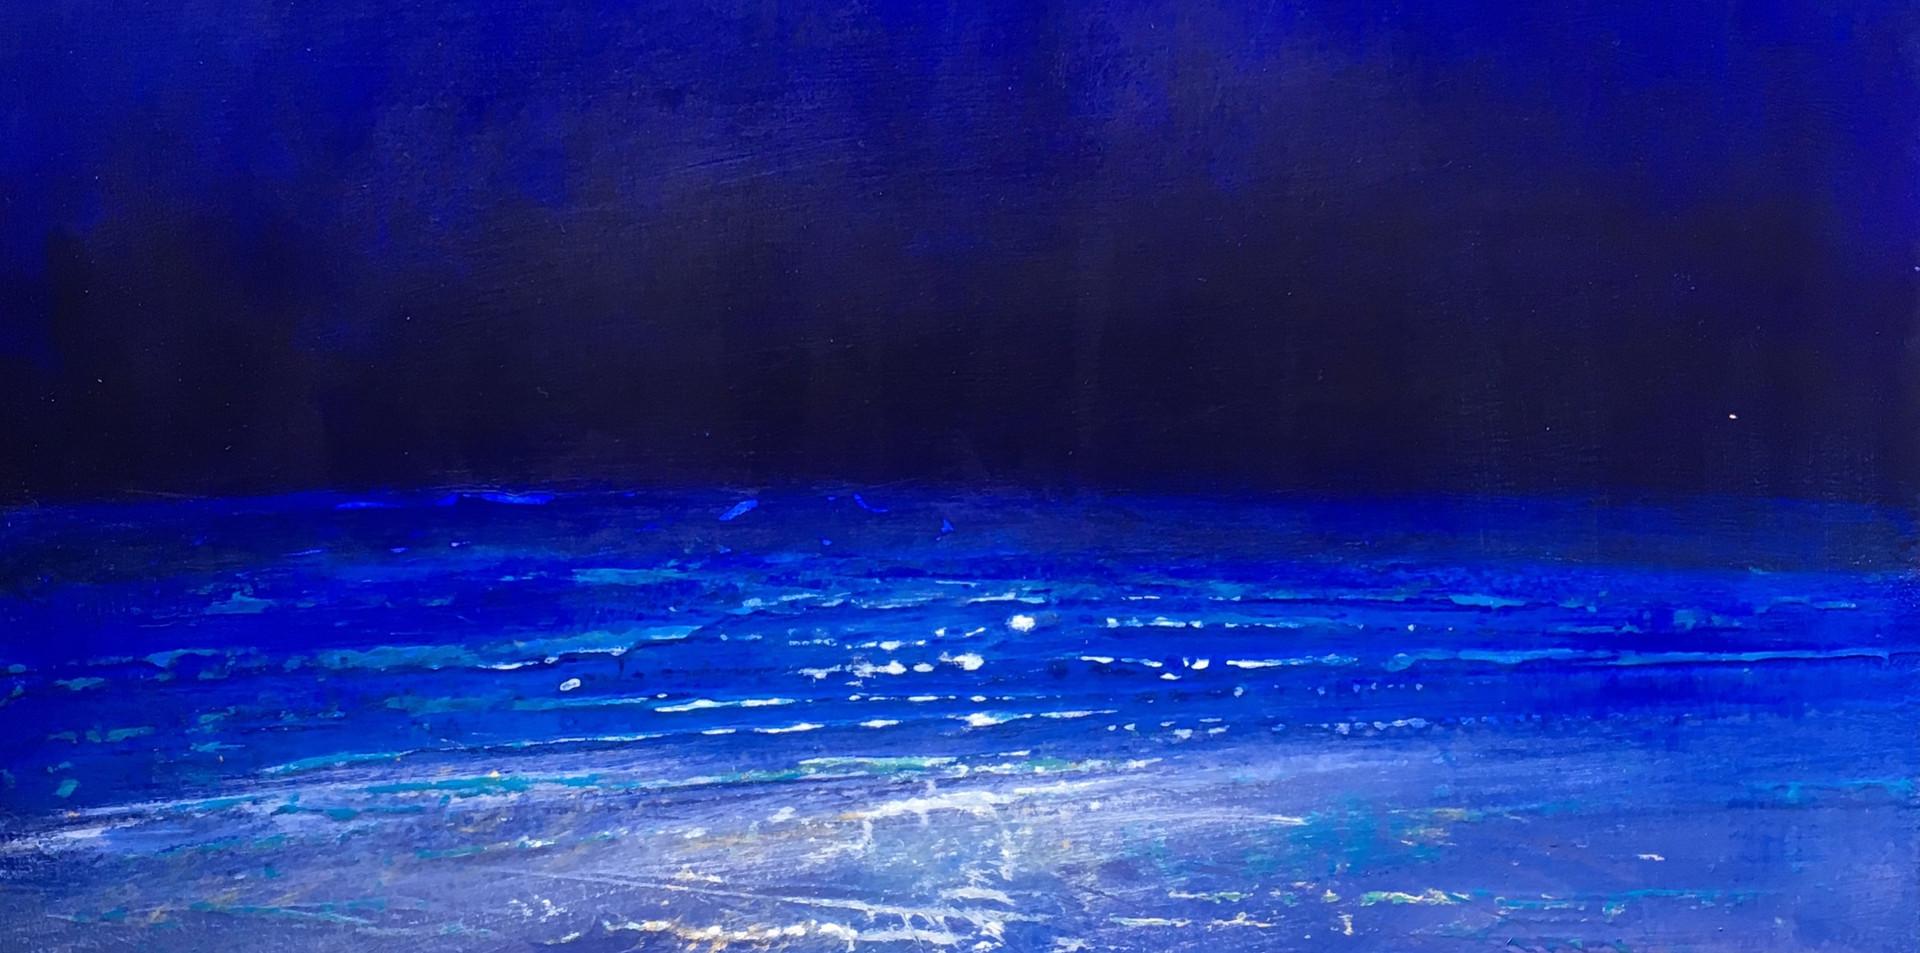 Blue beach